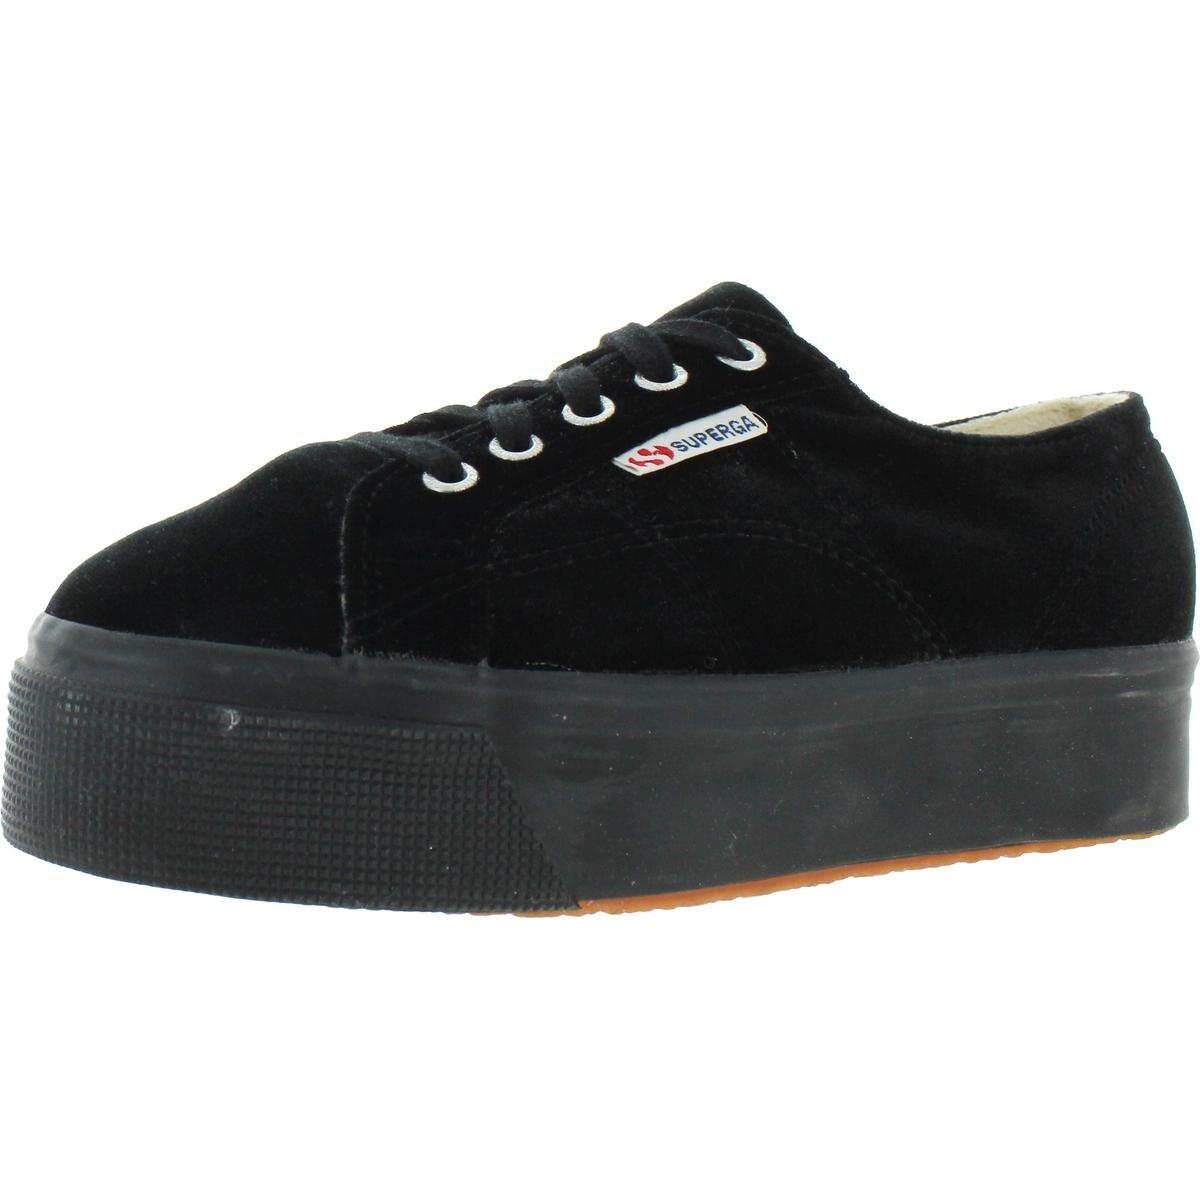 Superga Womens 2790 Sneakers Velvet Low